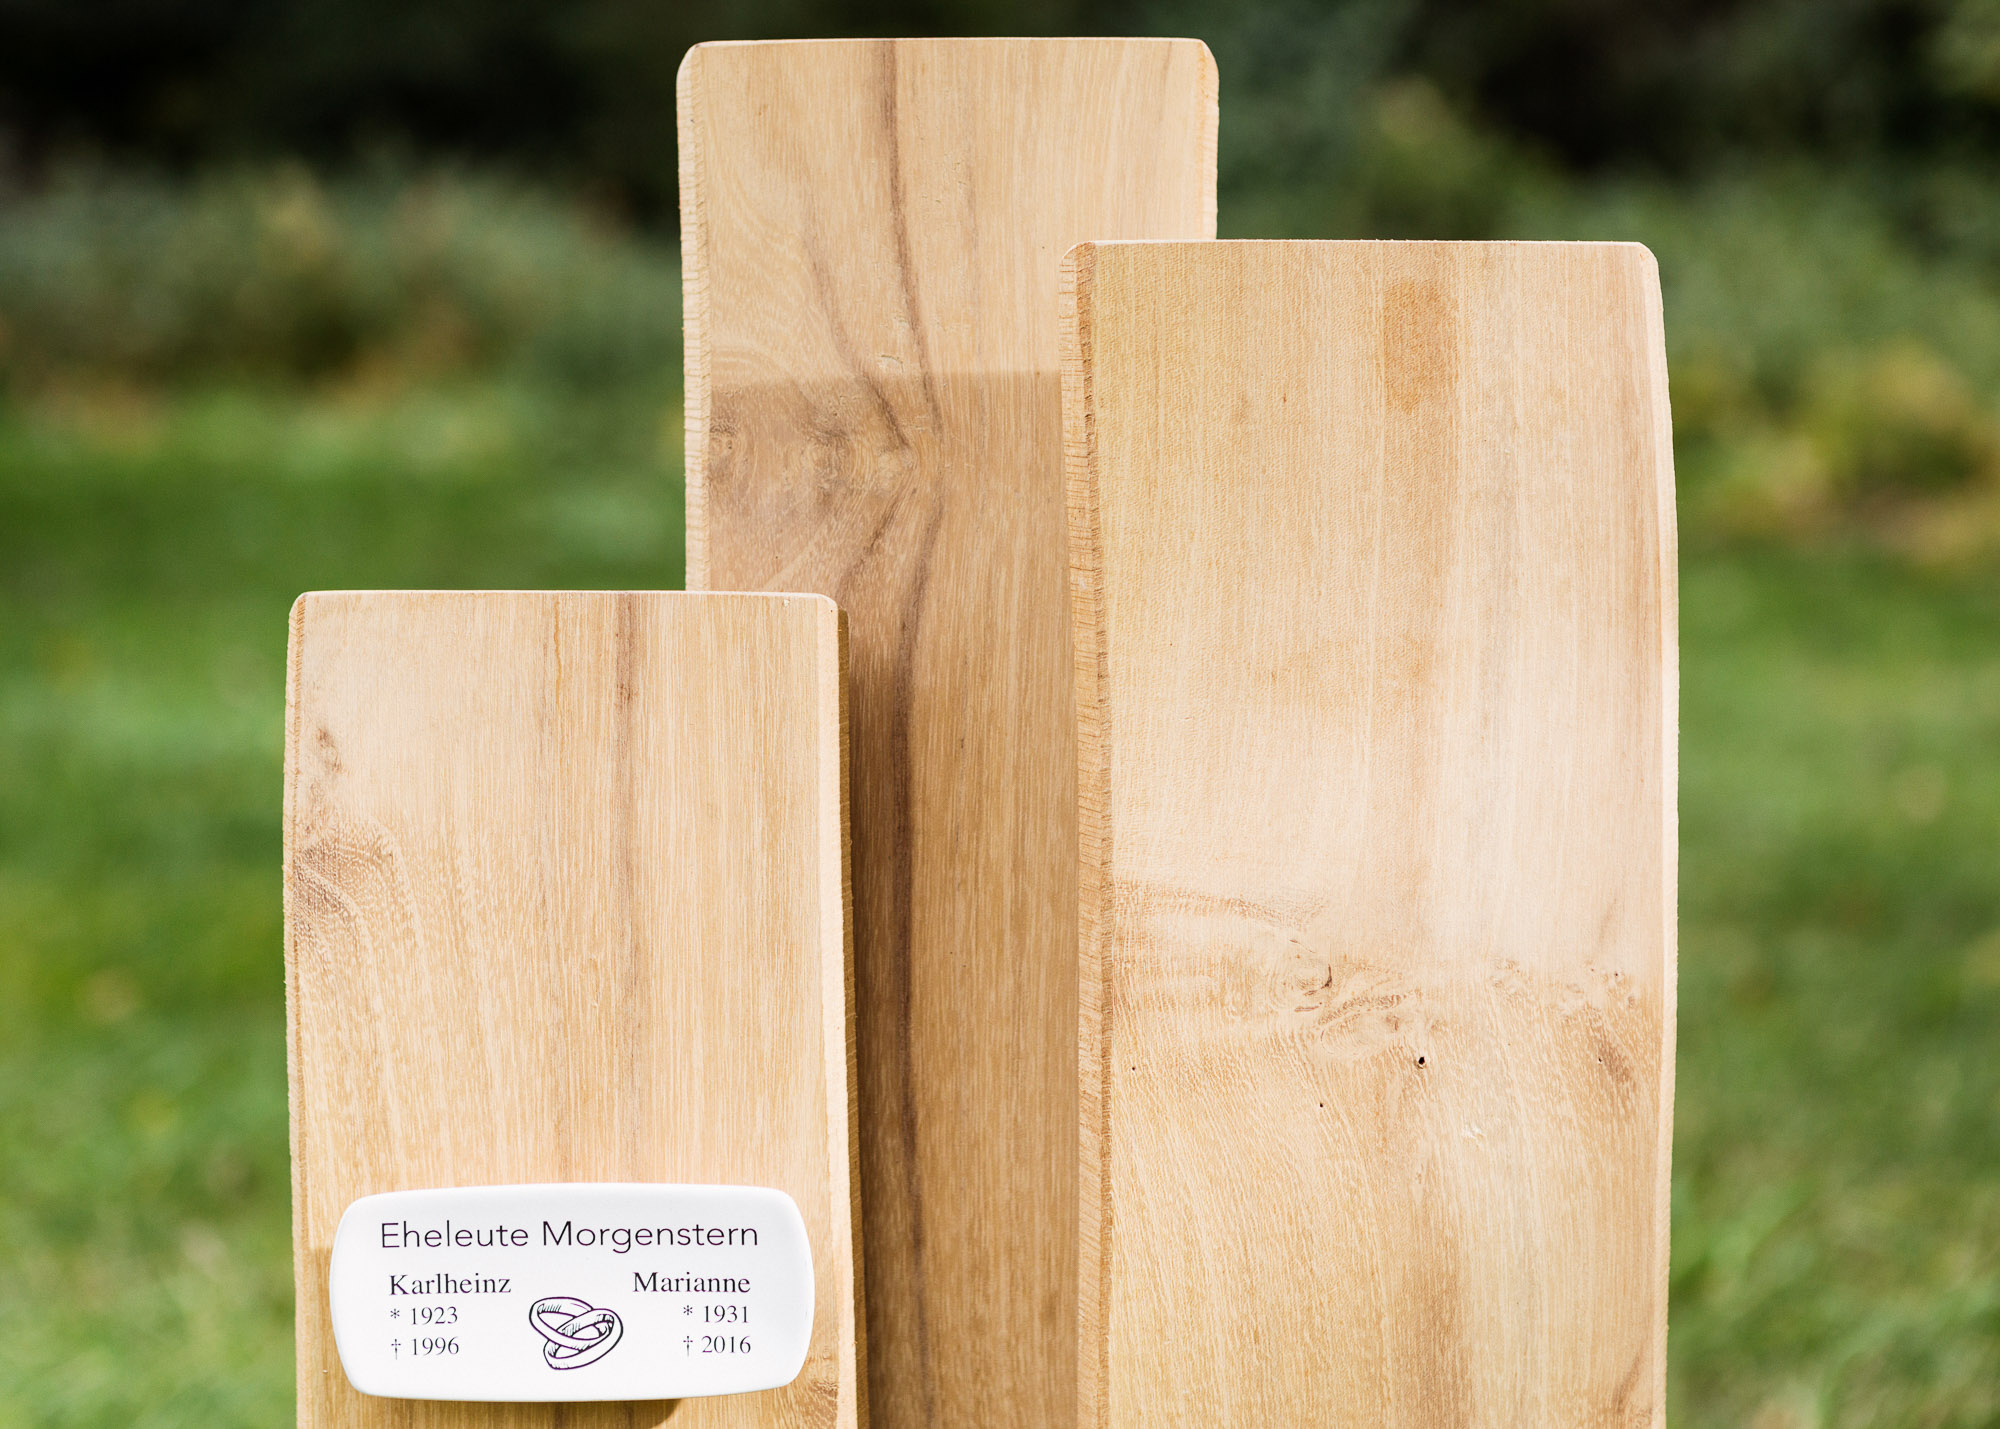 Grabmal aus geschichteten Naturholz-Lamellen mit vorgesetztem Emaille-Grabschild